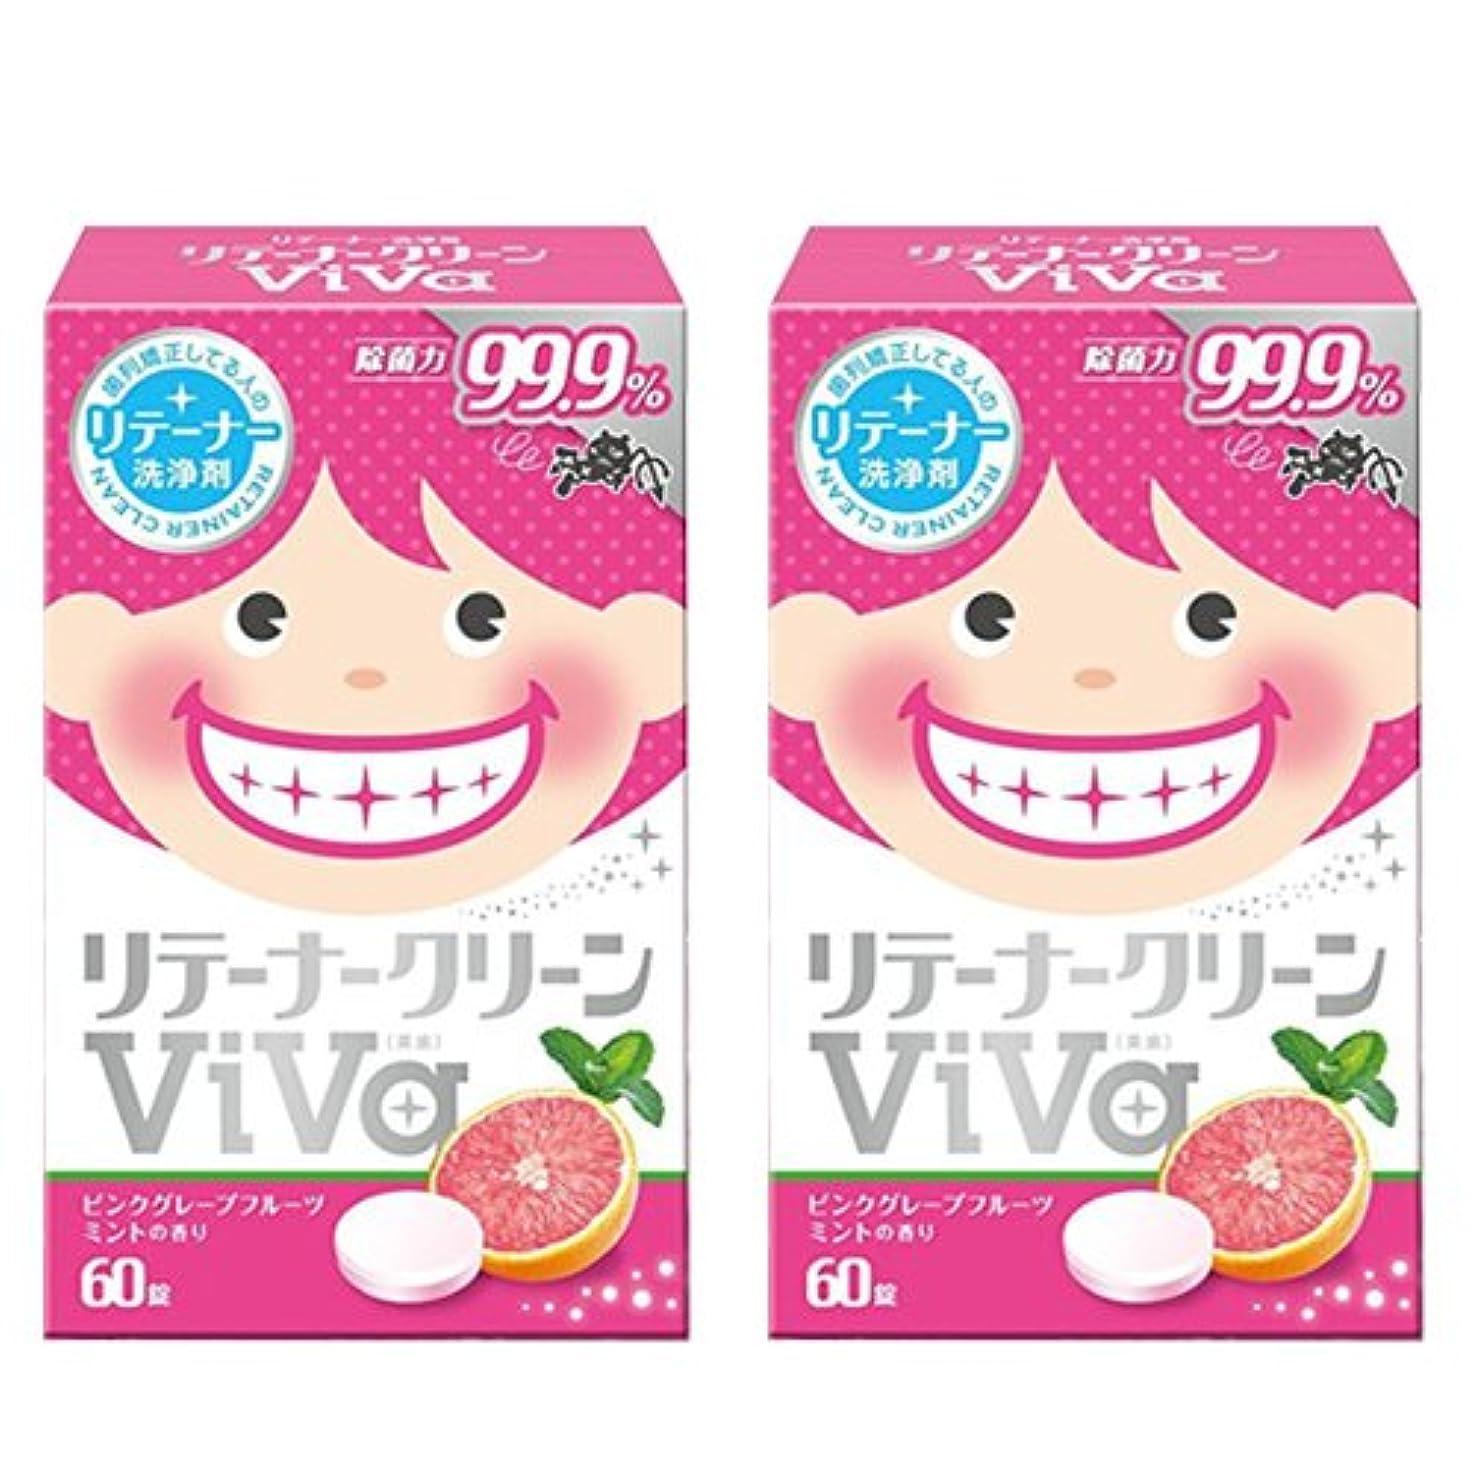 厚くする孤独な問い合わせリテーナークリーン ViVa 60錠 歯列矯正している人のリテーナー洗浄剤 (2箱)